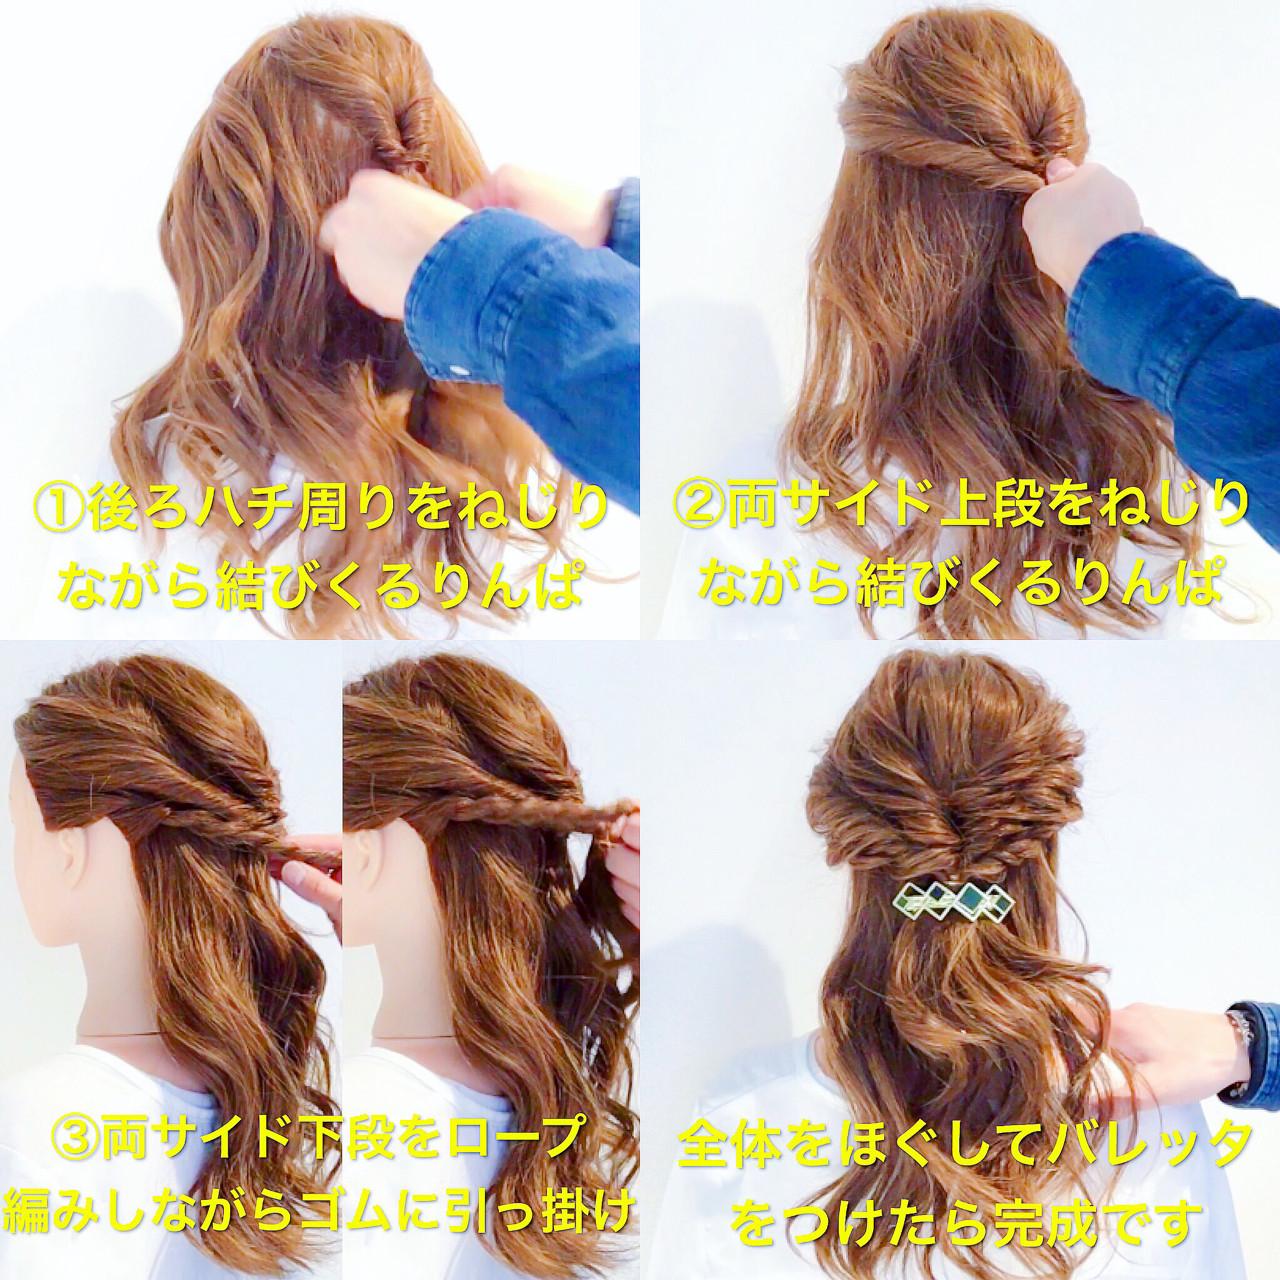 大人女子 デート ロング フェミニン ヘアスタイルや髪型の写真・画像